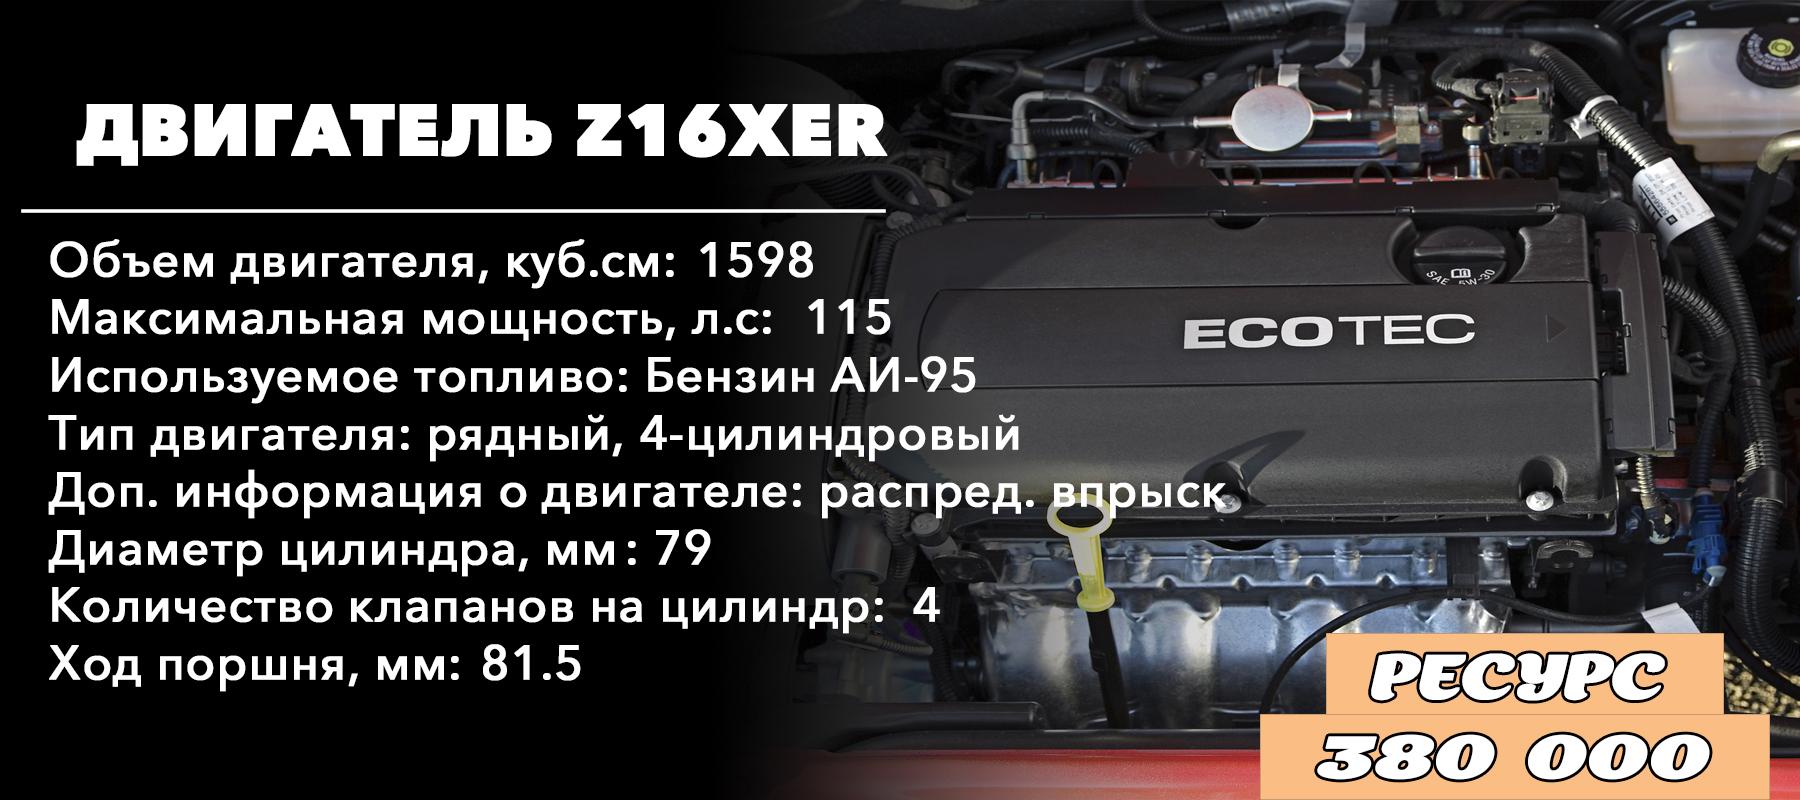 Ресурс двигателя 1.6 - Z16XER